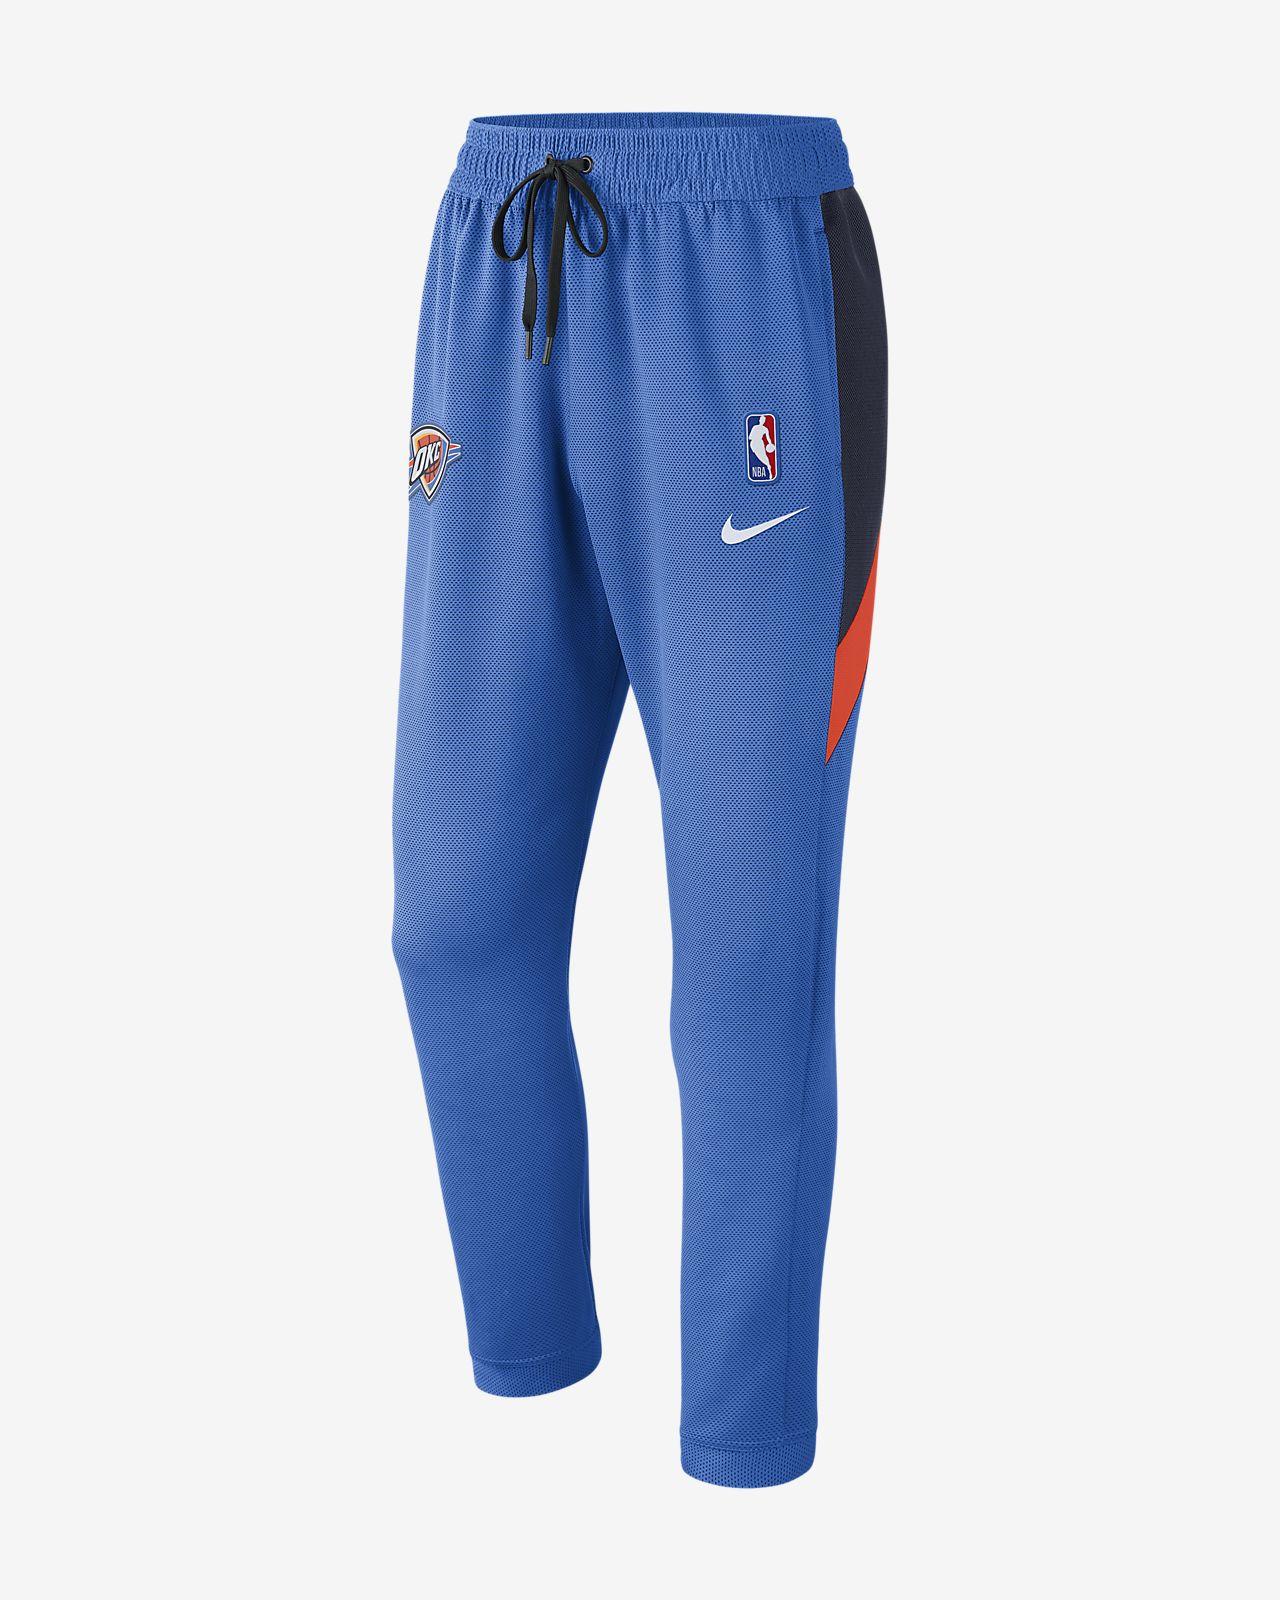 Oklahoma City Thunder Nike Therma Flex Showtime Pantalons de l'NBA - Home